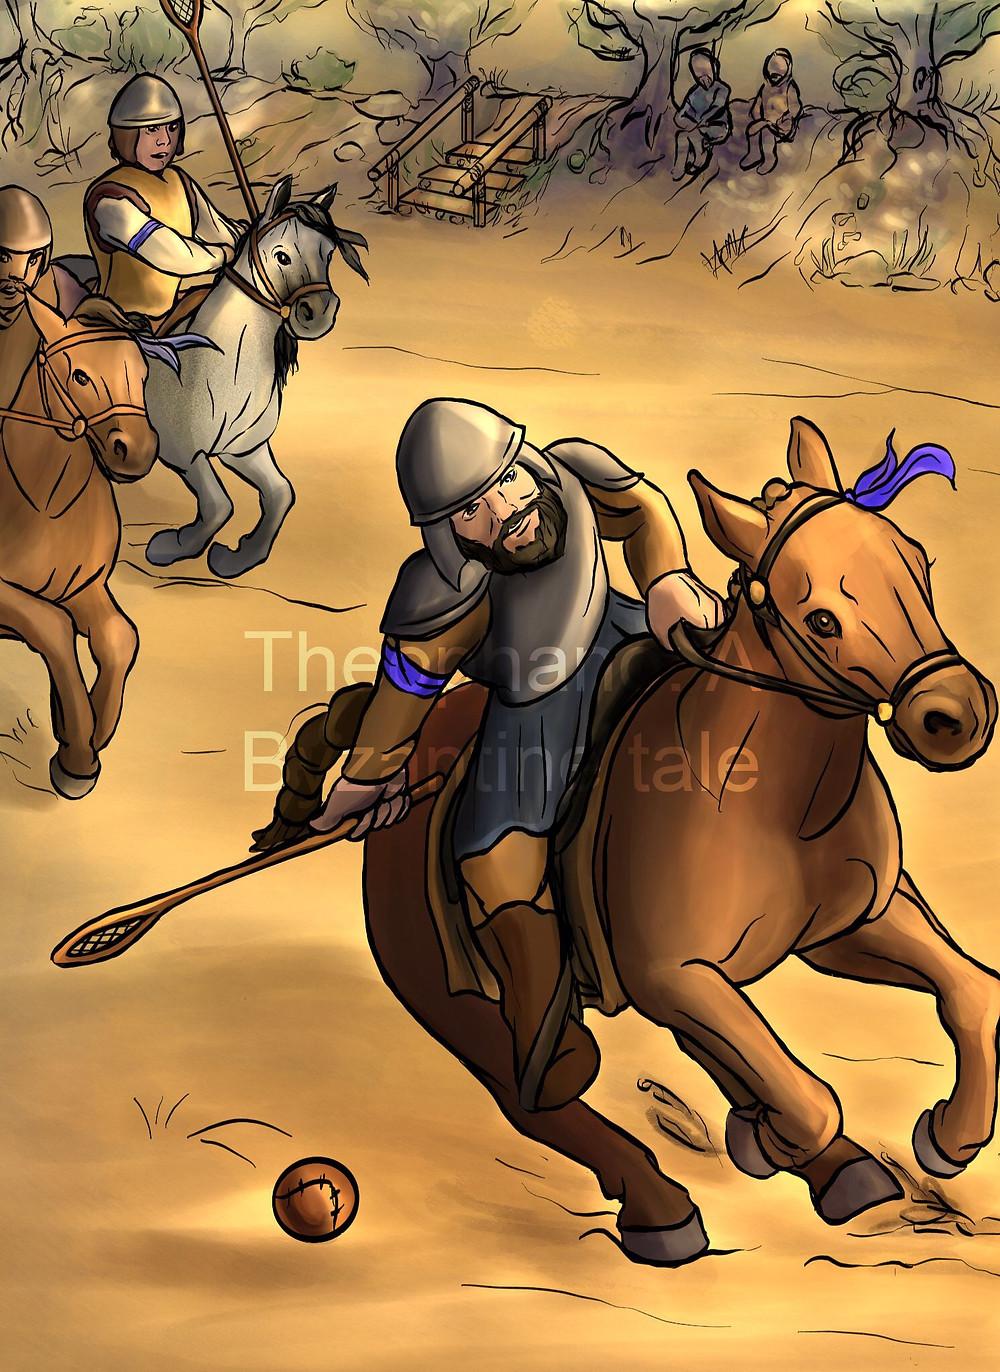 Το τζυκάνιον (σημερινό πόλο επί ίππου) ήταν δημοφιλές σπόρ των αριστοκρατών στα Βυζαντινά χρόνια